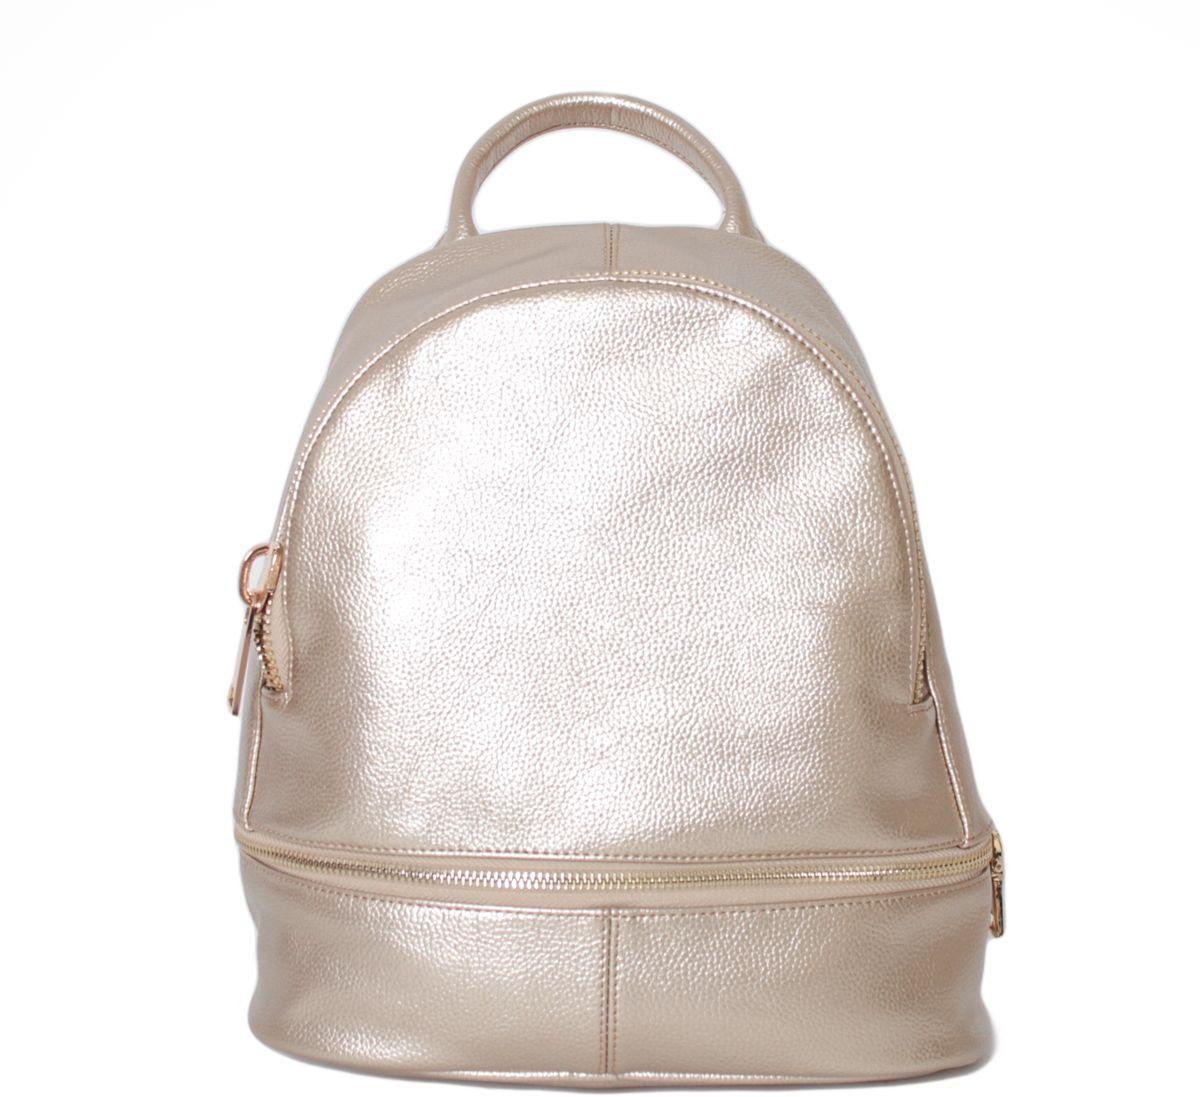 Рюкзак женский Flioraj, цвет: золотой. 21362136 goldСнаружи два кармана на молнии. Внутри одно отделение, один карман на молнии. Высота ручки - 7 см.